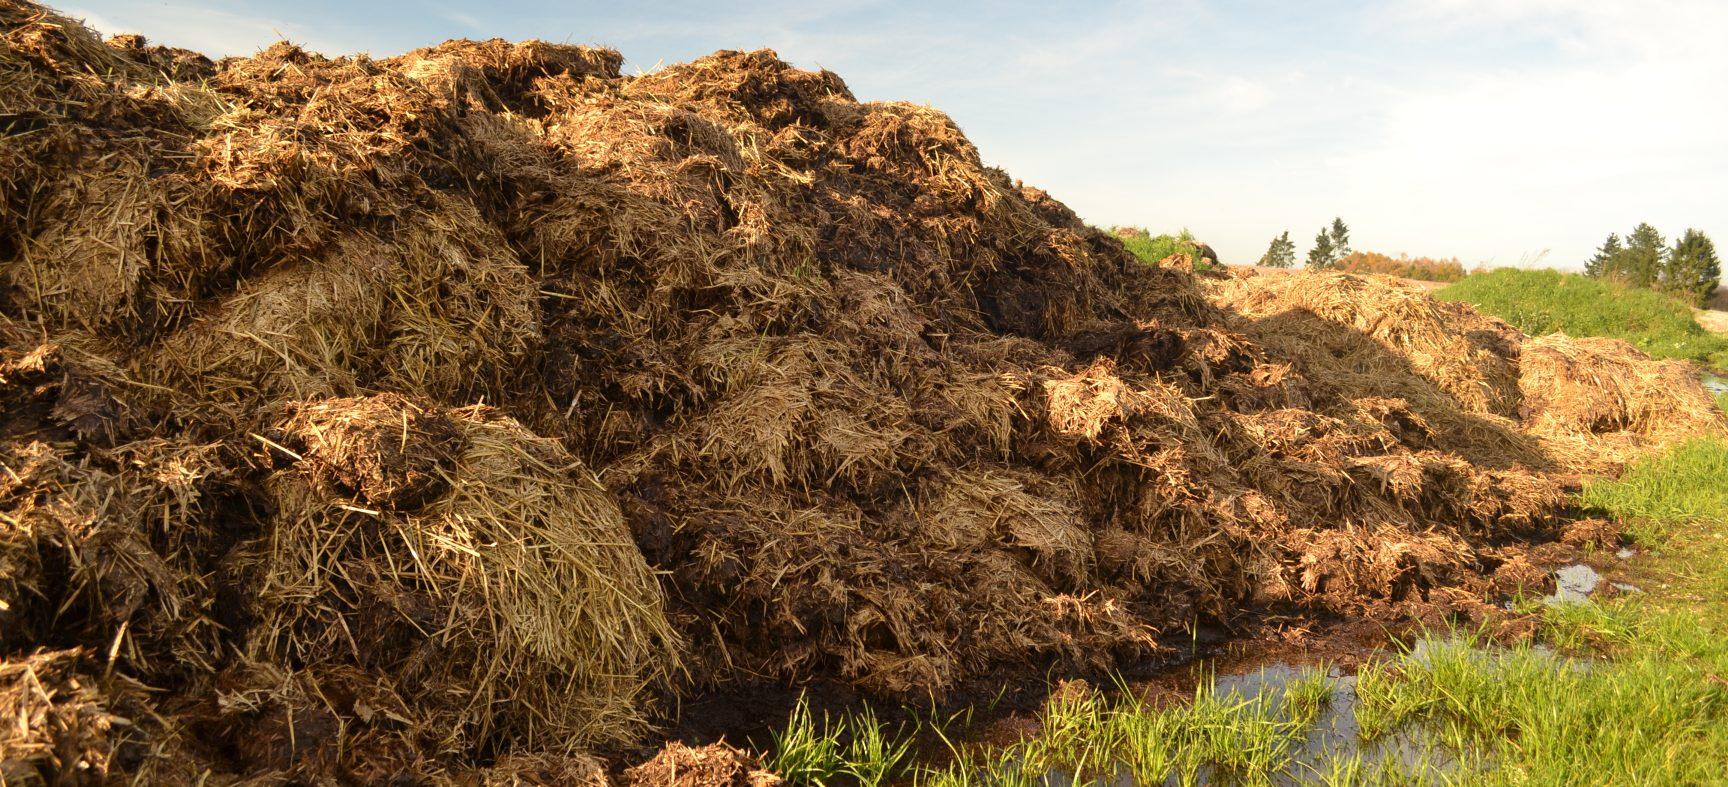 Le fumier : précieuse matière fertilisante ou polluant en quantités astronomiques ?